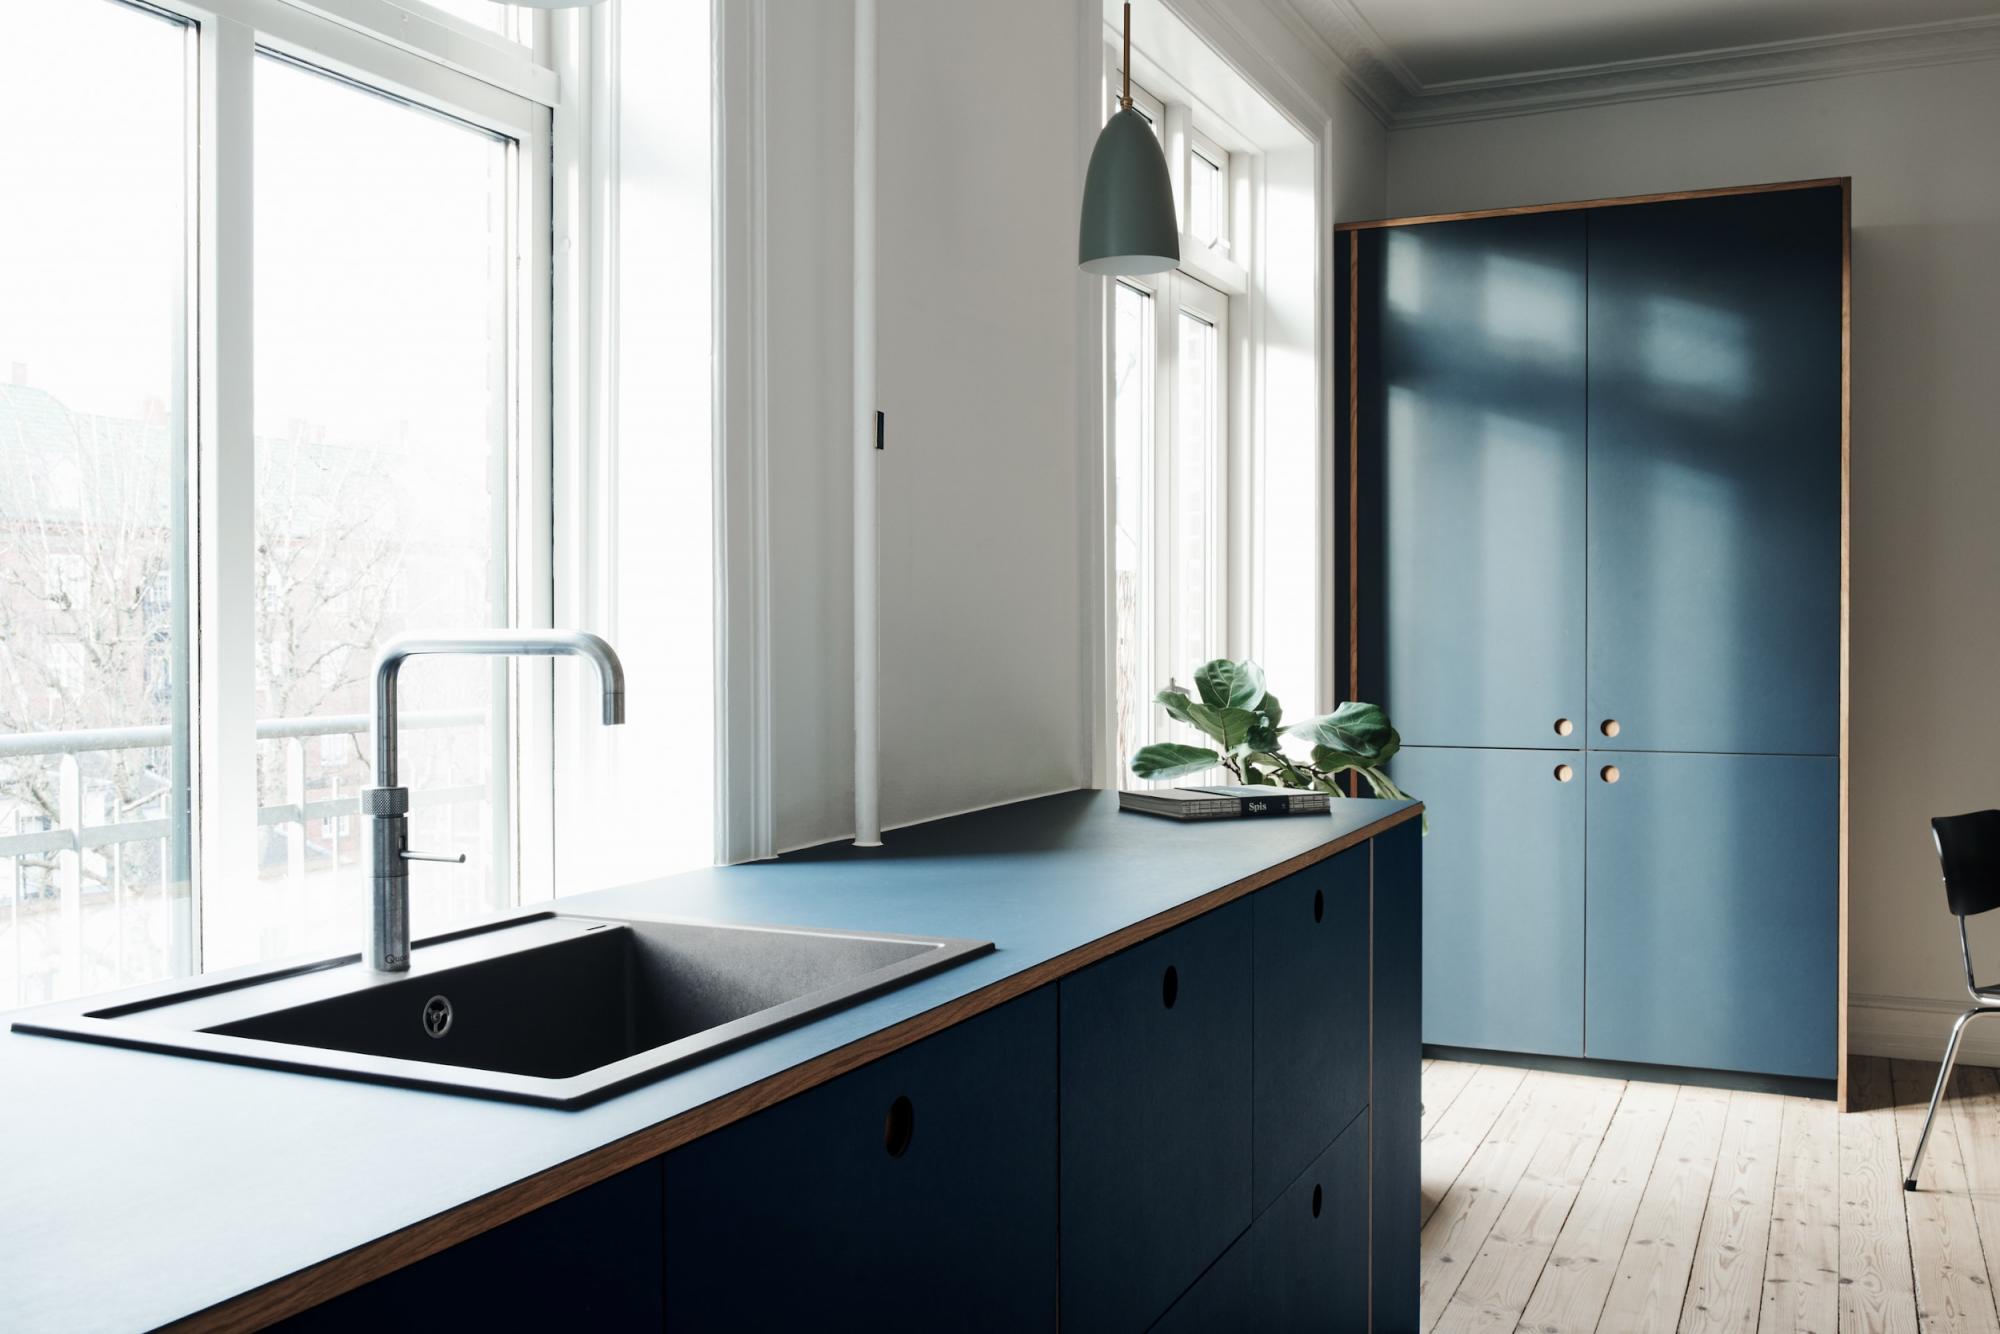 Maniglie X Mobili Da Cucina uno studio d'architettura spiega come trasformare i mobili